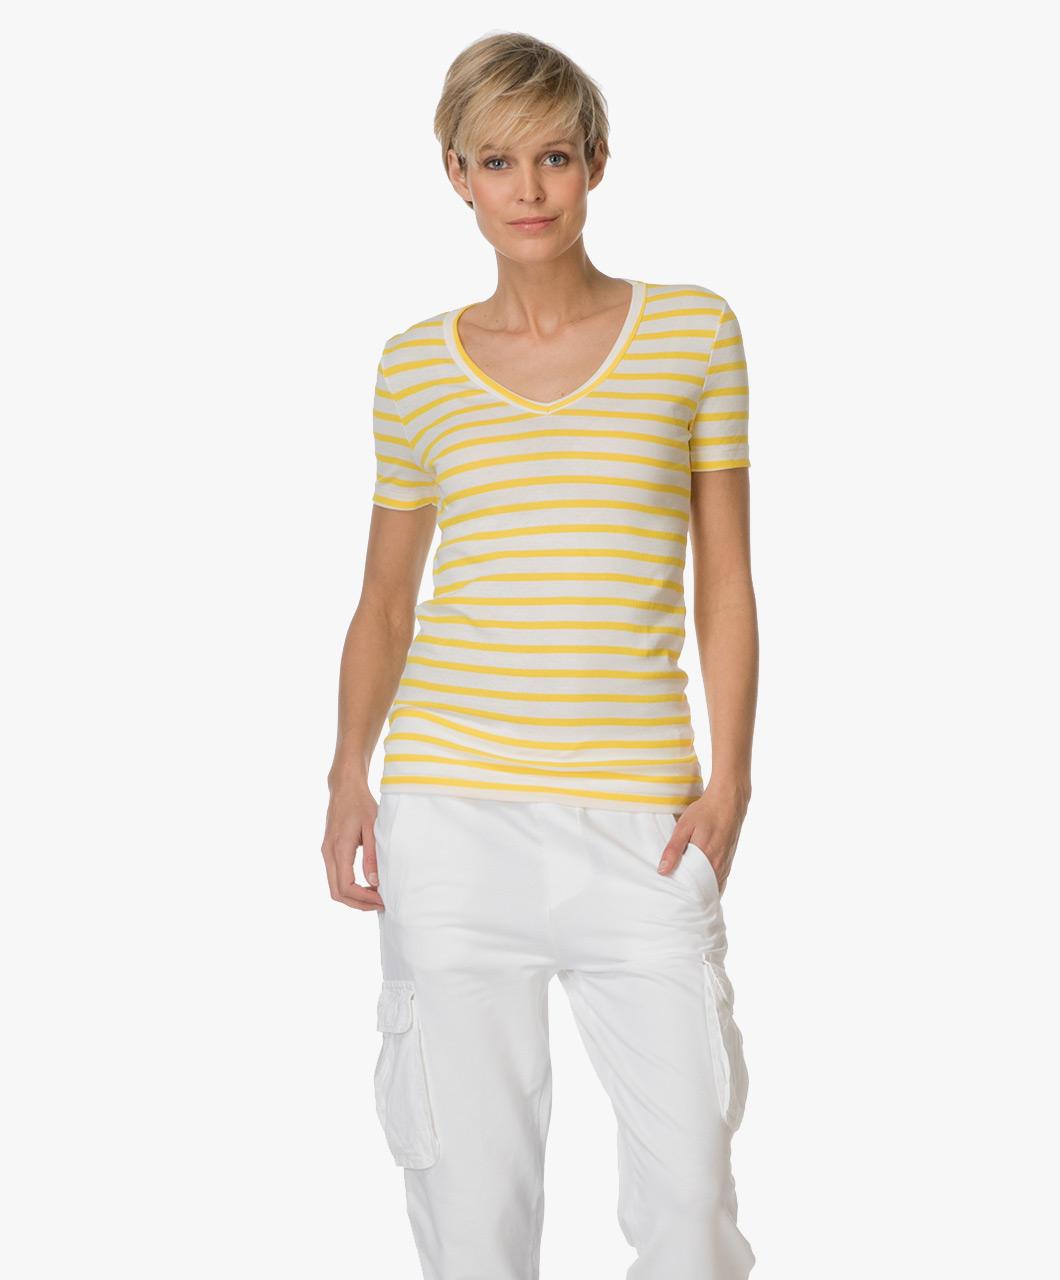 Petit bateau striped t shirt lait shine 24389 35 for Petit bateau striped shirt